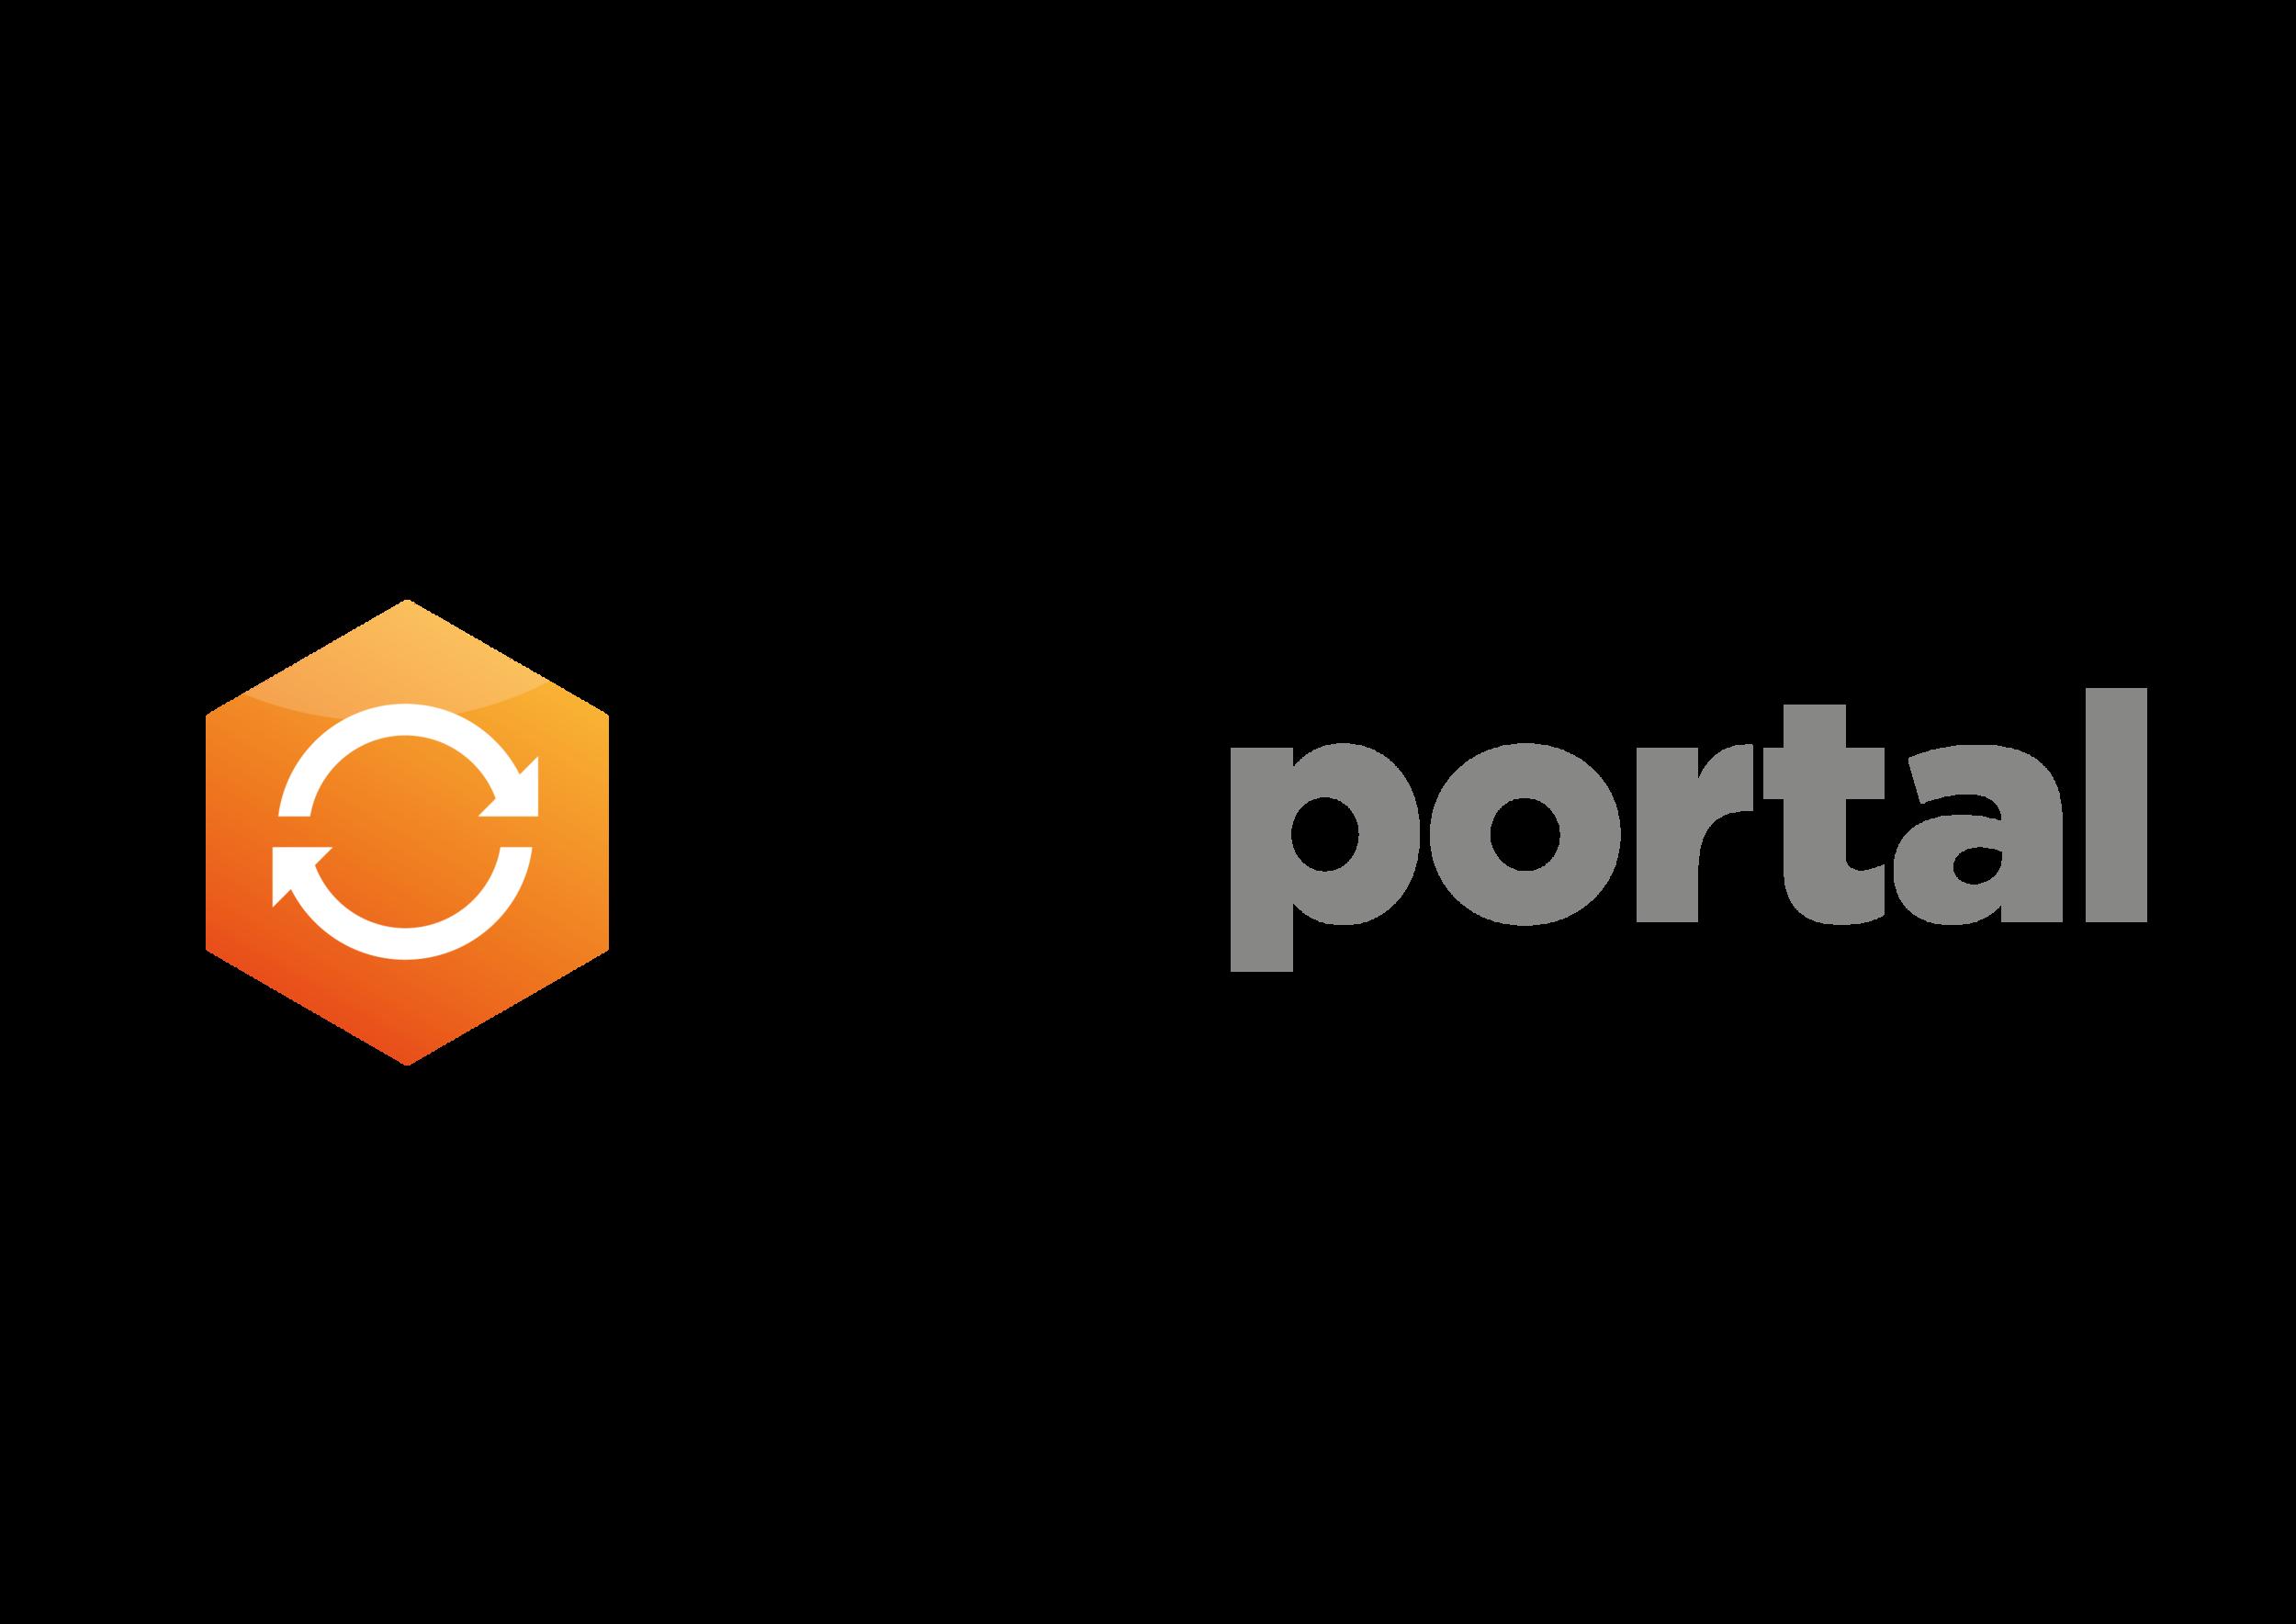 richportal_logo(trn).png